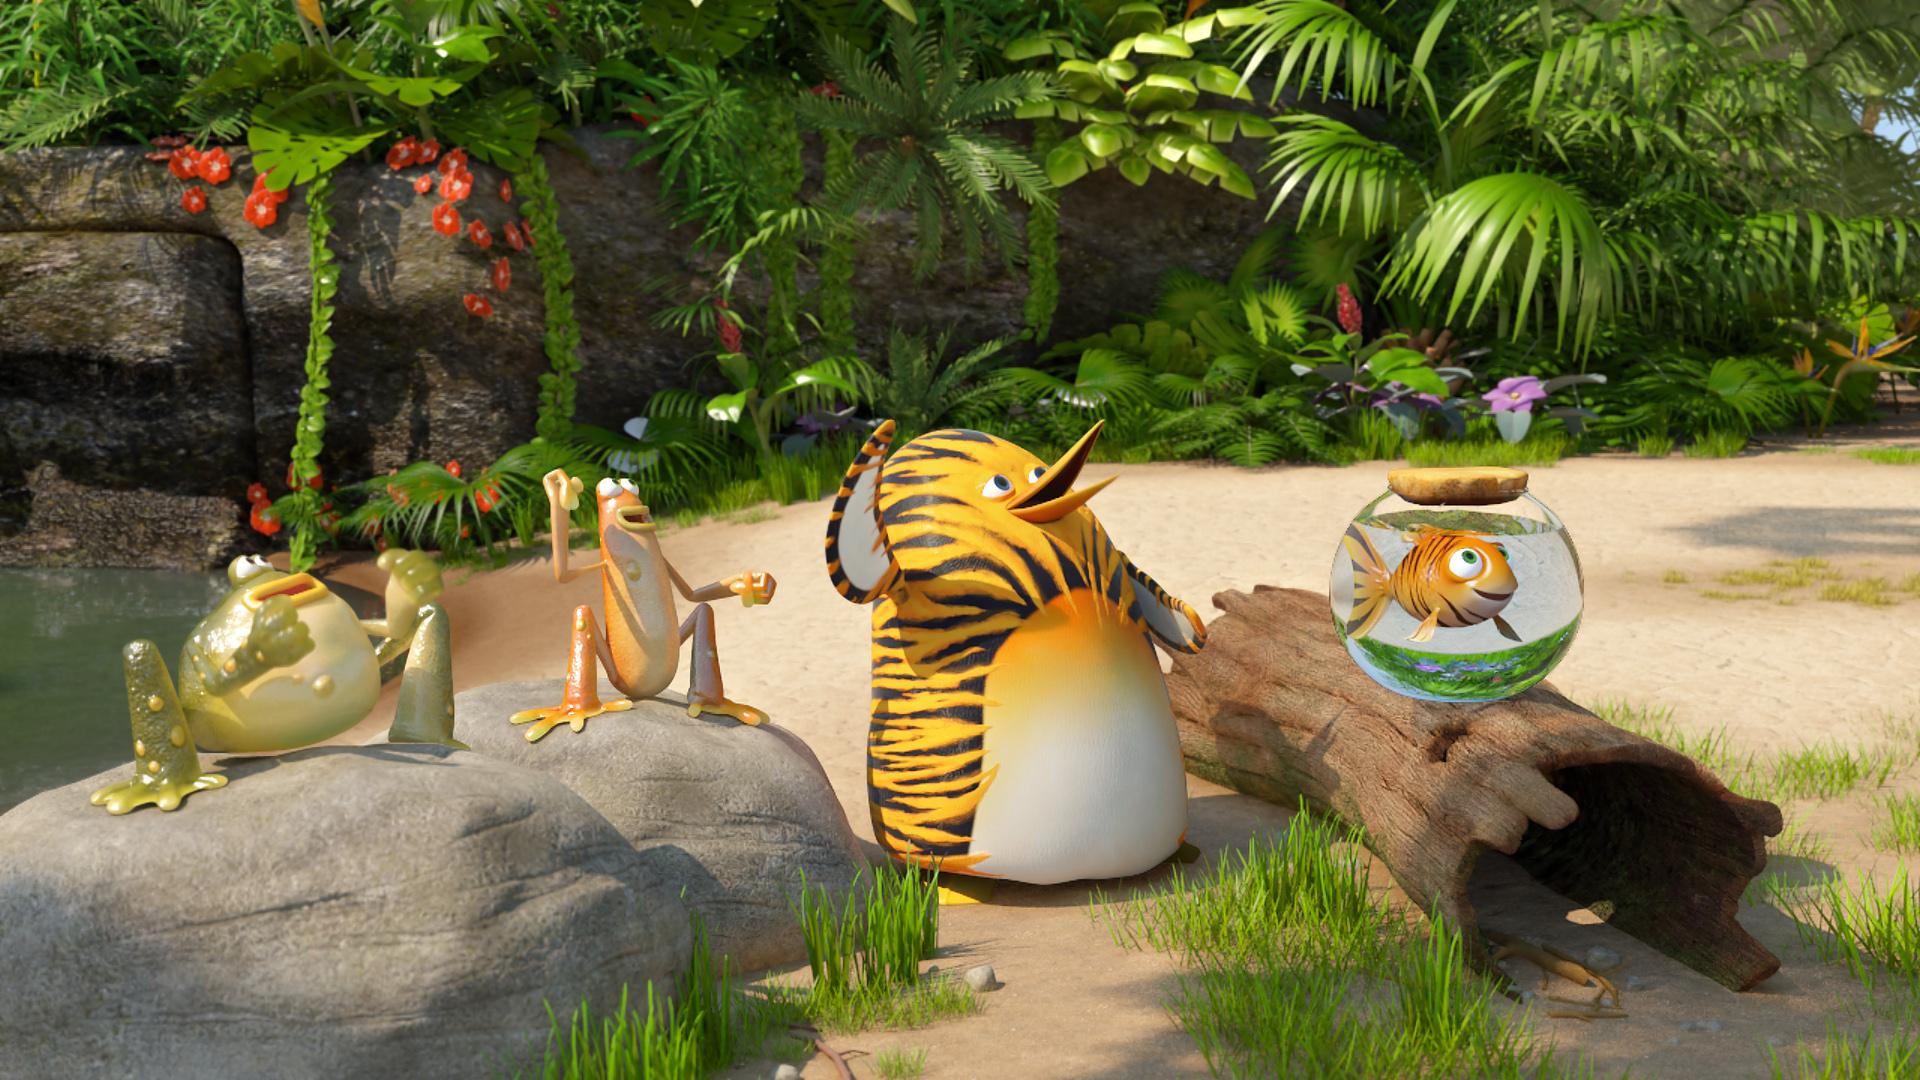 Film per bambini vita da giungla mamma